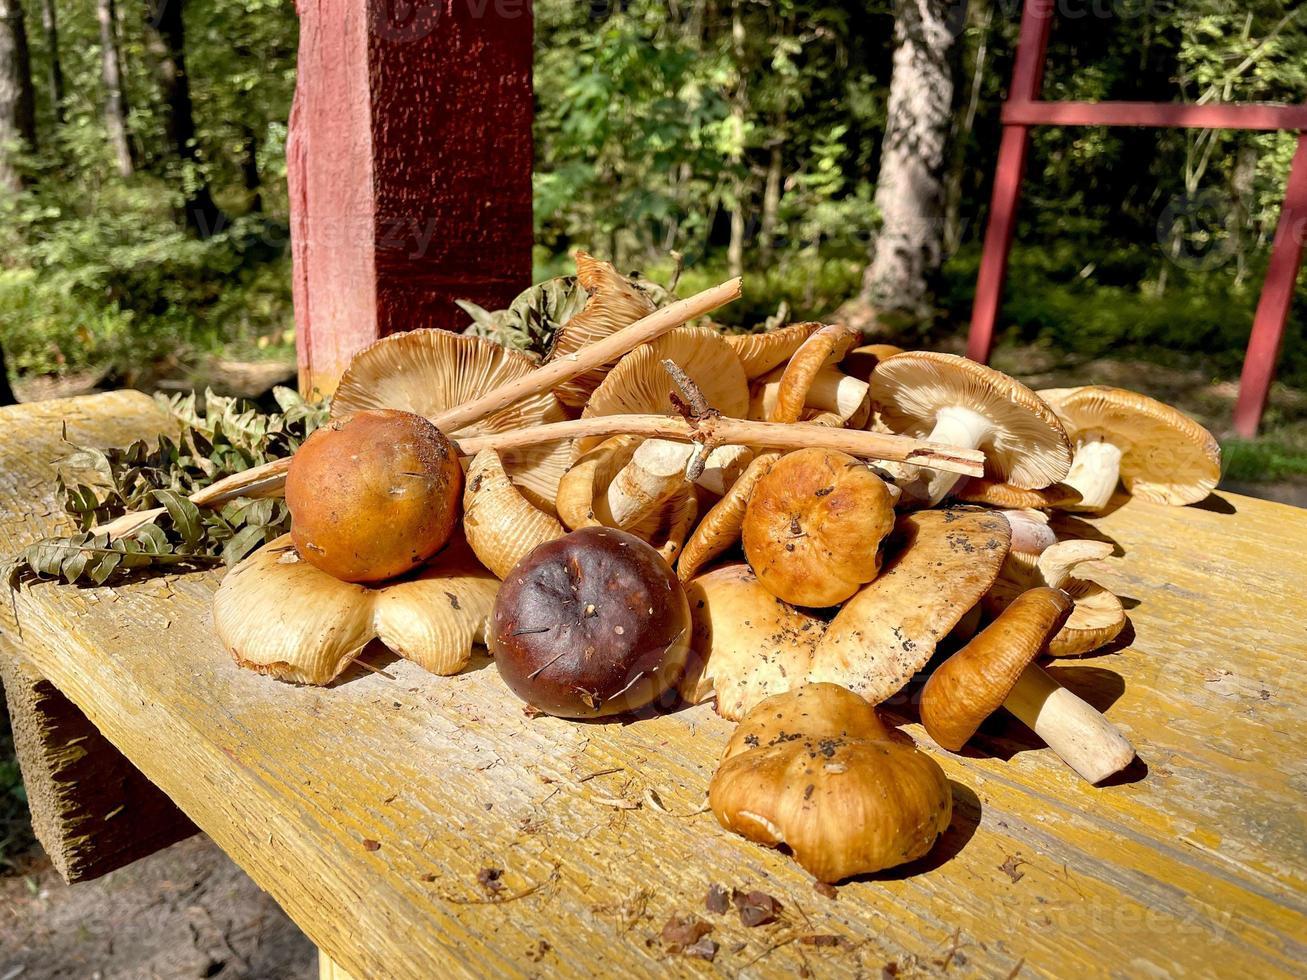 en spridning av olika svampar på ett träbord i skogen foto